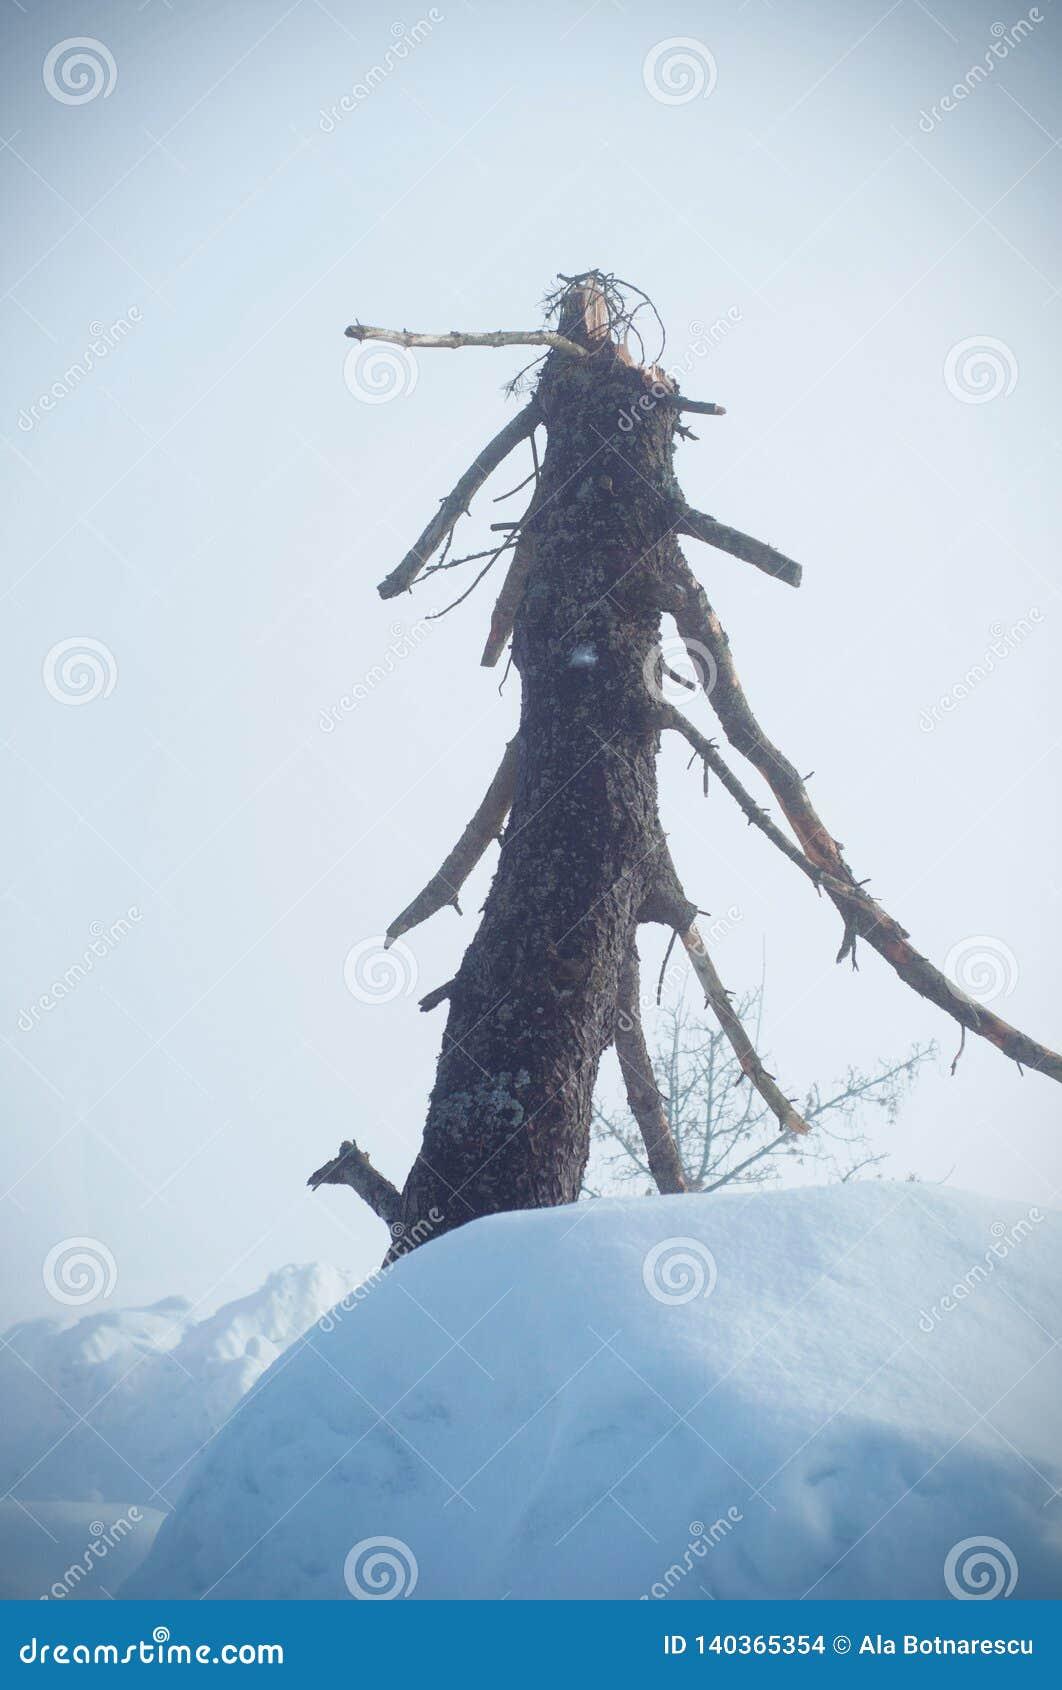 Immagine verticale messa a fuoco su una connessione morta del faggio un Dy nebbioso